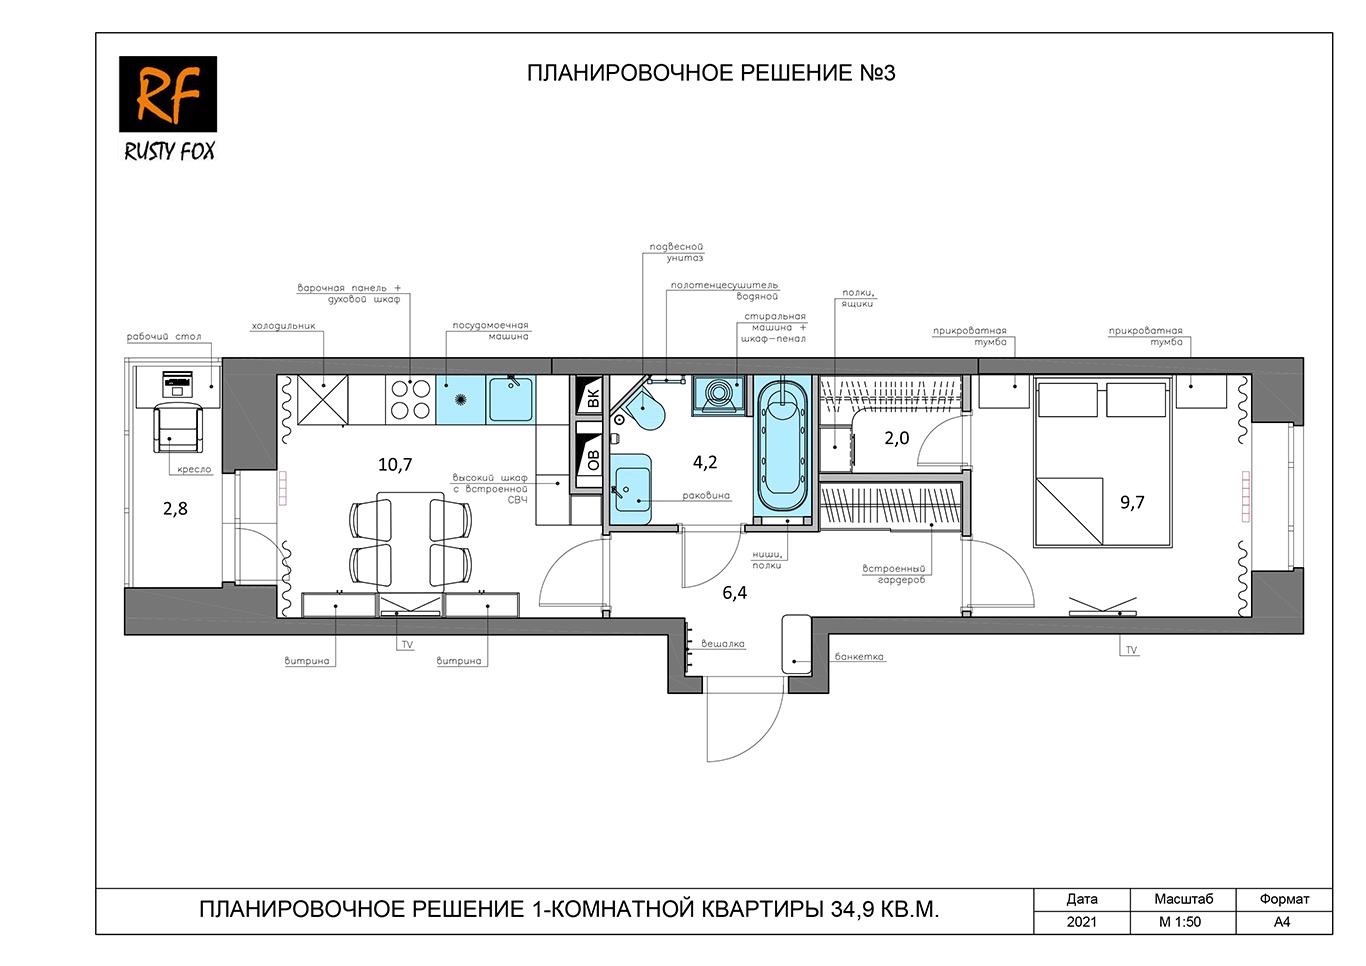 ЖК Люберцы корпус 52, секция 1. Планировочное решение №3 1-комнотной квартира 34,9 кв.м.